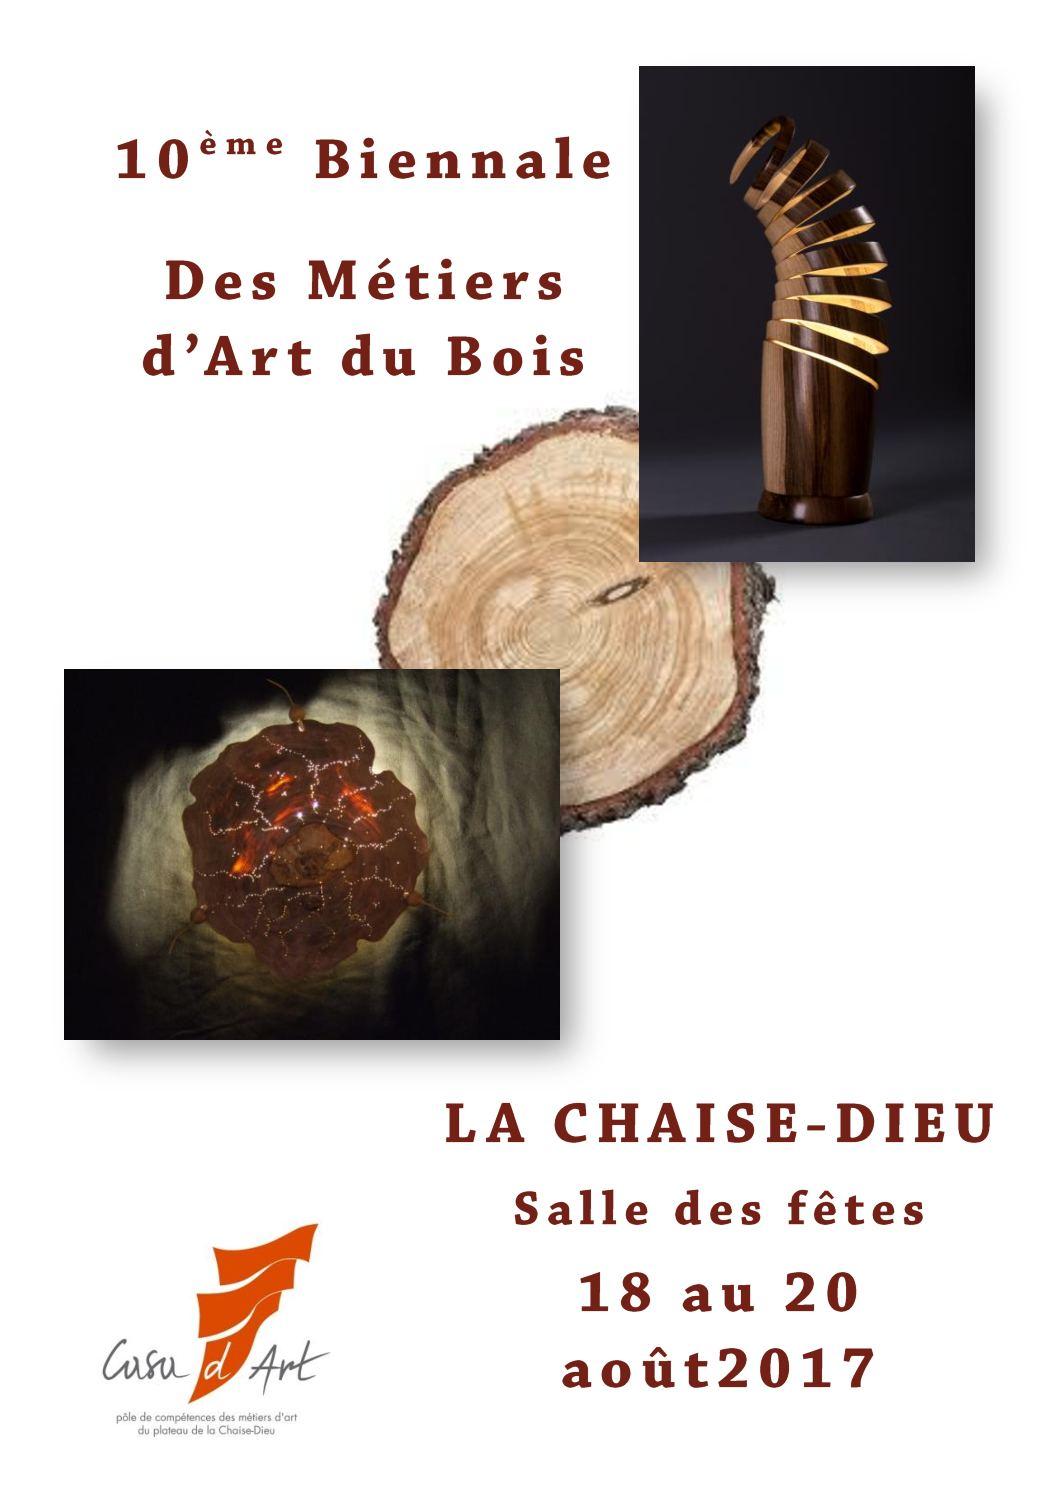 Chaise Biennale Calaméo Bois D'art Du Dieu Des Metiers La 1lFJKc